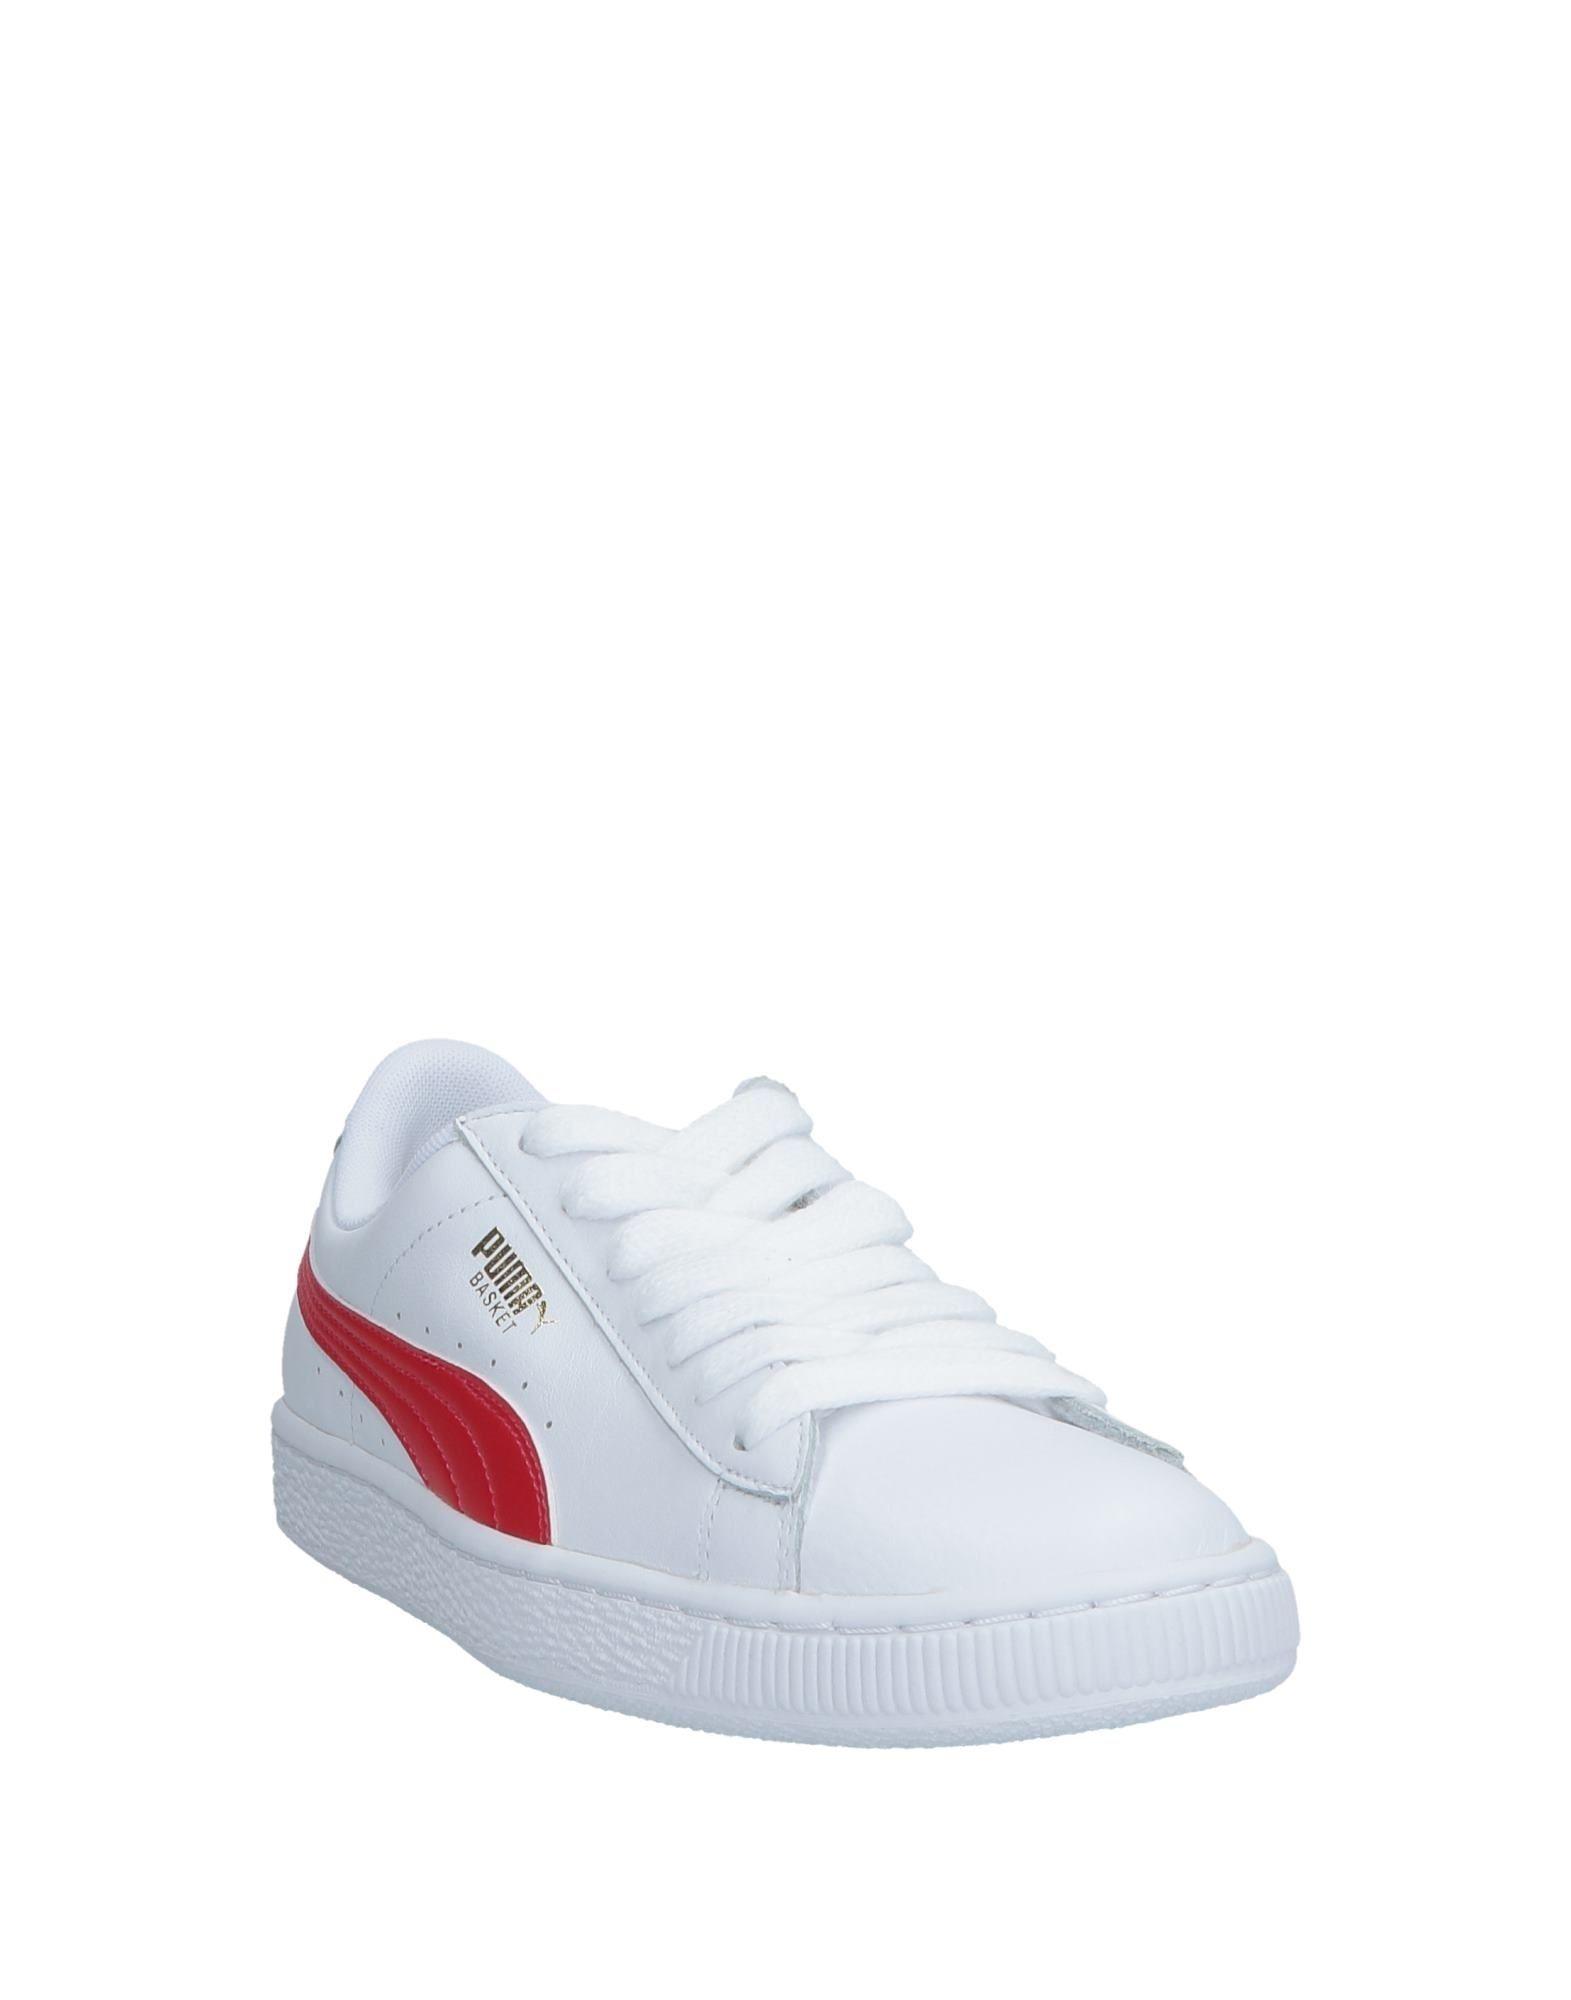 Puma Sneakers Herren Gutes Preis-Leistungs-Verhältnis, es es Preis-Leistungs-Verhältnis, lohnt sich 4f56f9